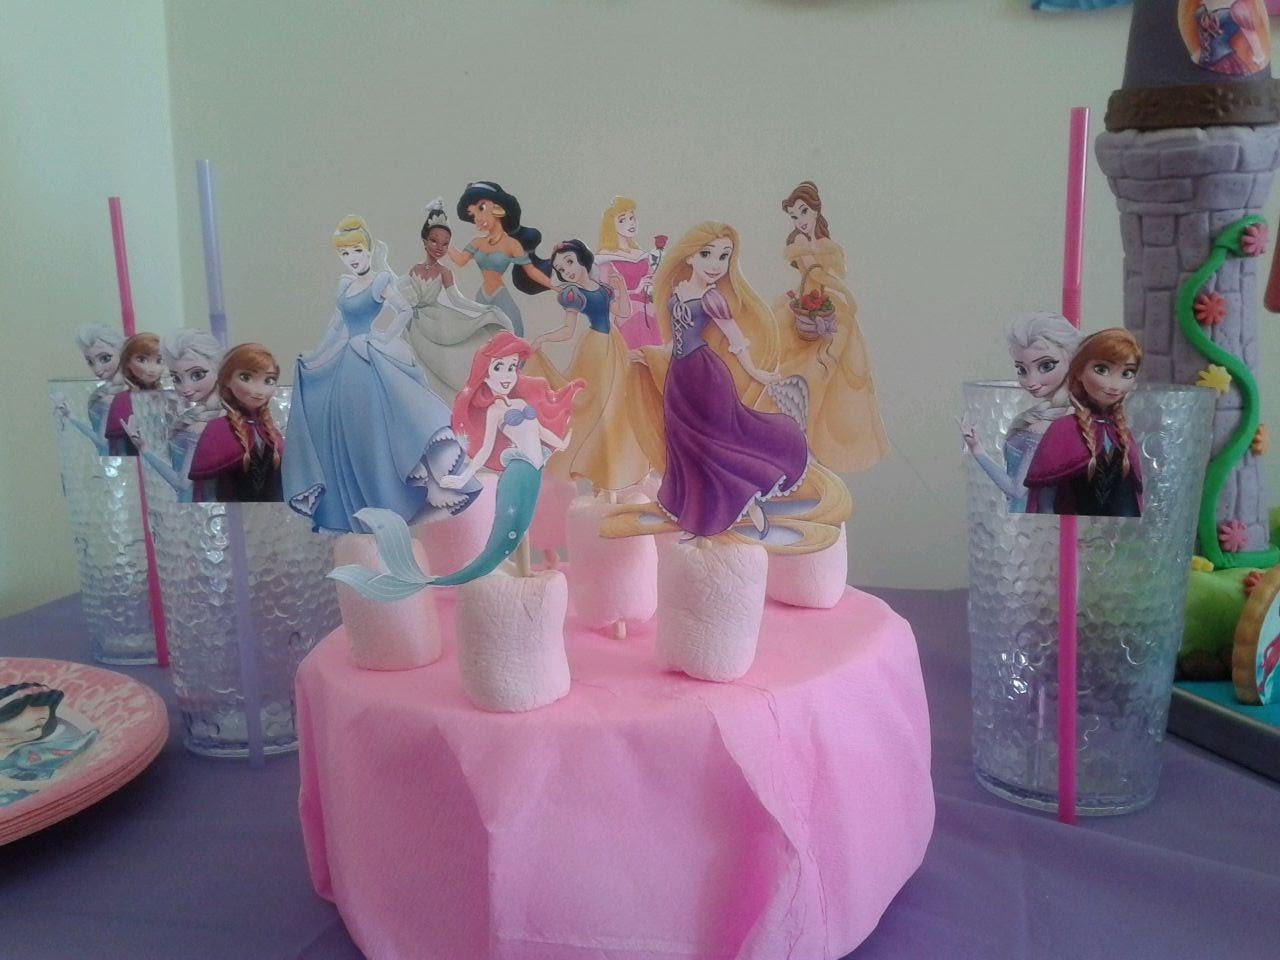 Galletas y chuches fiestas princesas disney - Decoracion fiesta princesas disney ...